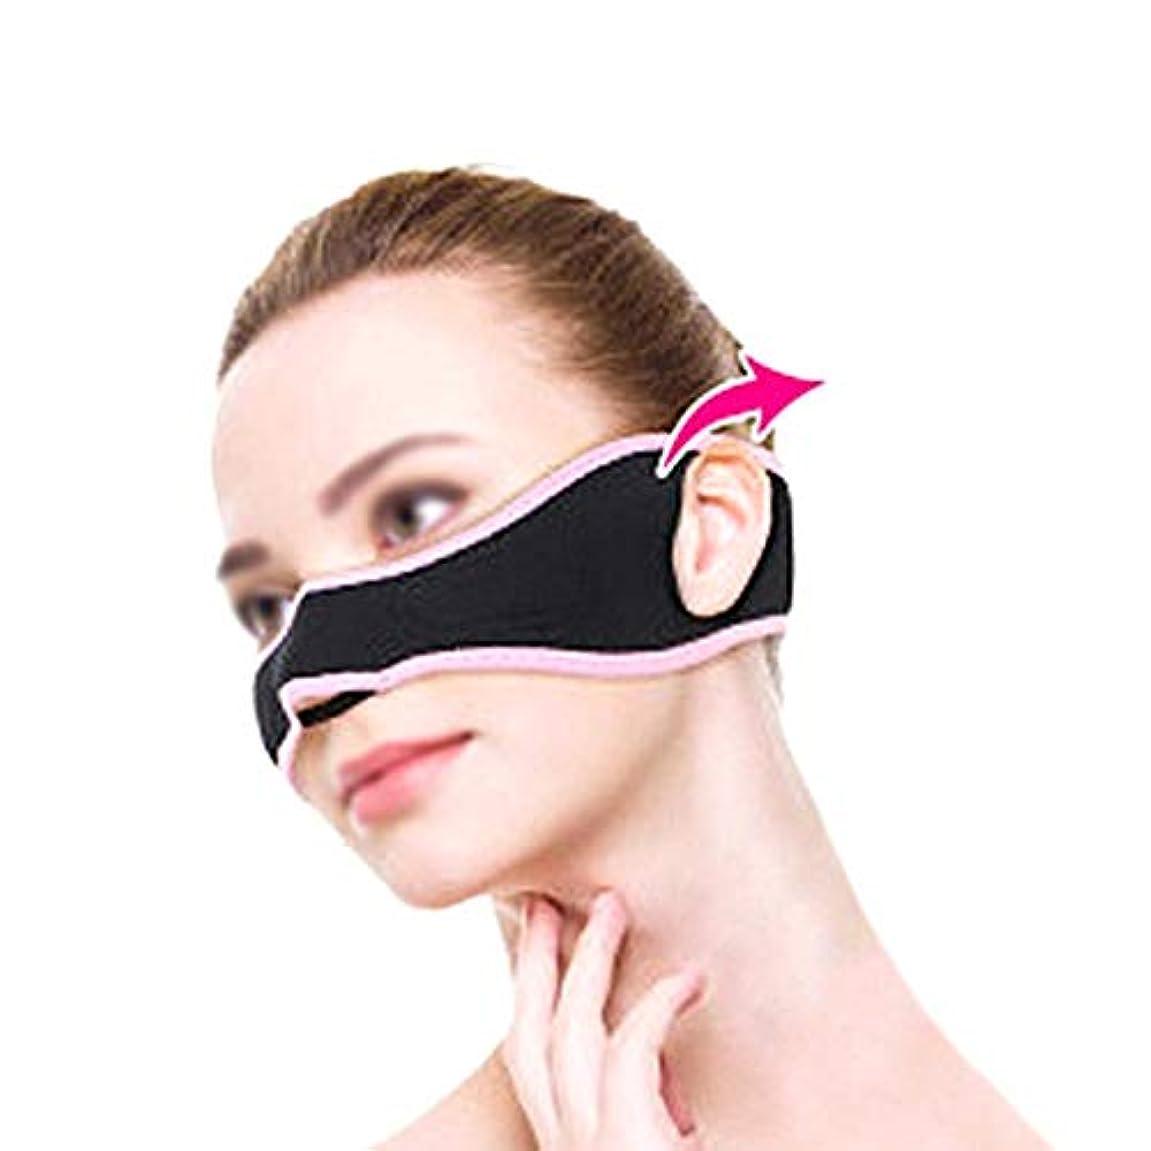 渇き発症該当するXHLMRMJ フェイスリフティングマスク、チークリフトアップマスク、薄くて薄い顔、顔の筋肉を引き締めて持ち上げ、持ち運びが簡単で、男性と女性の両方が使用できます